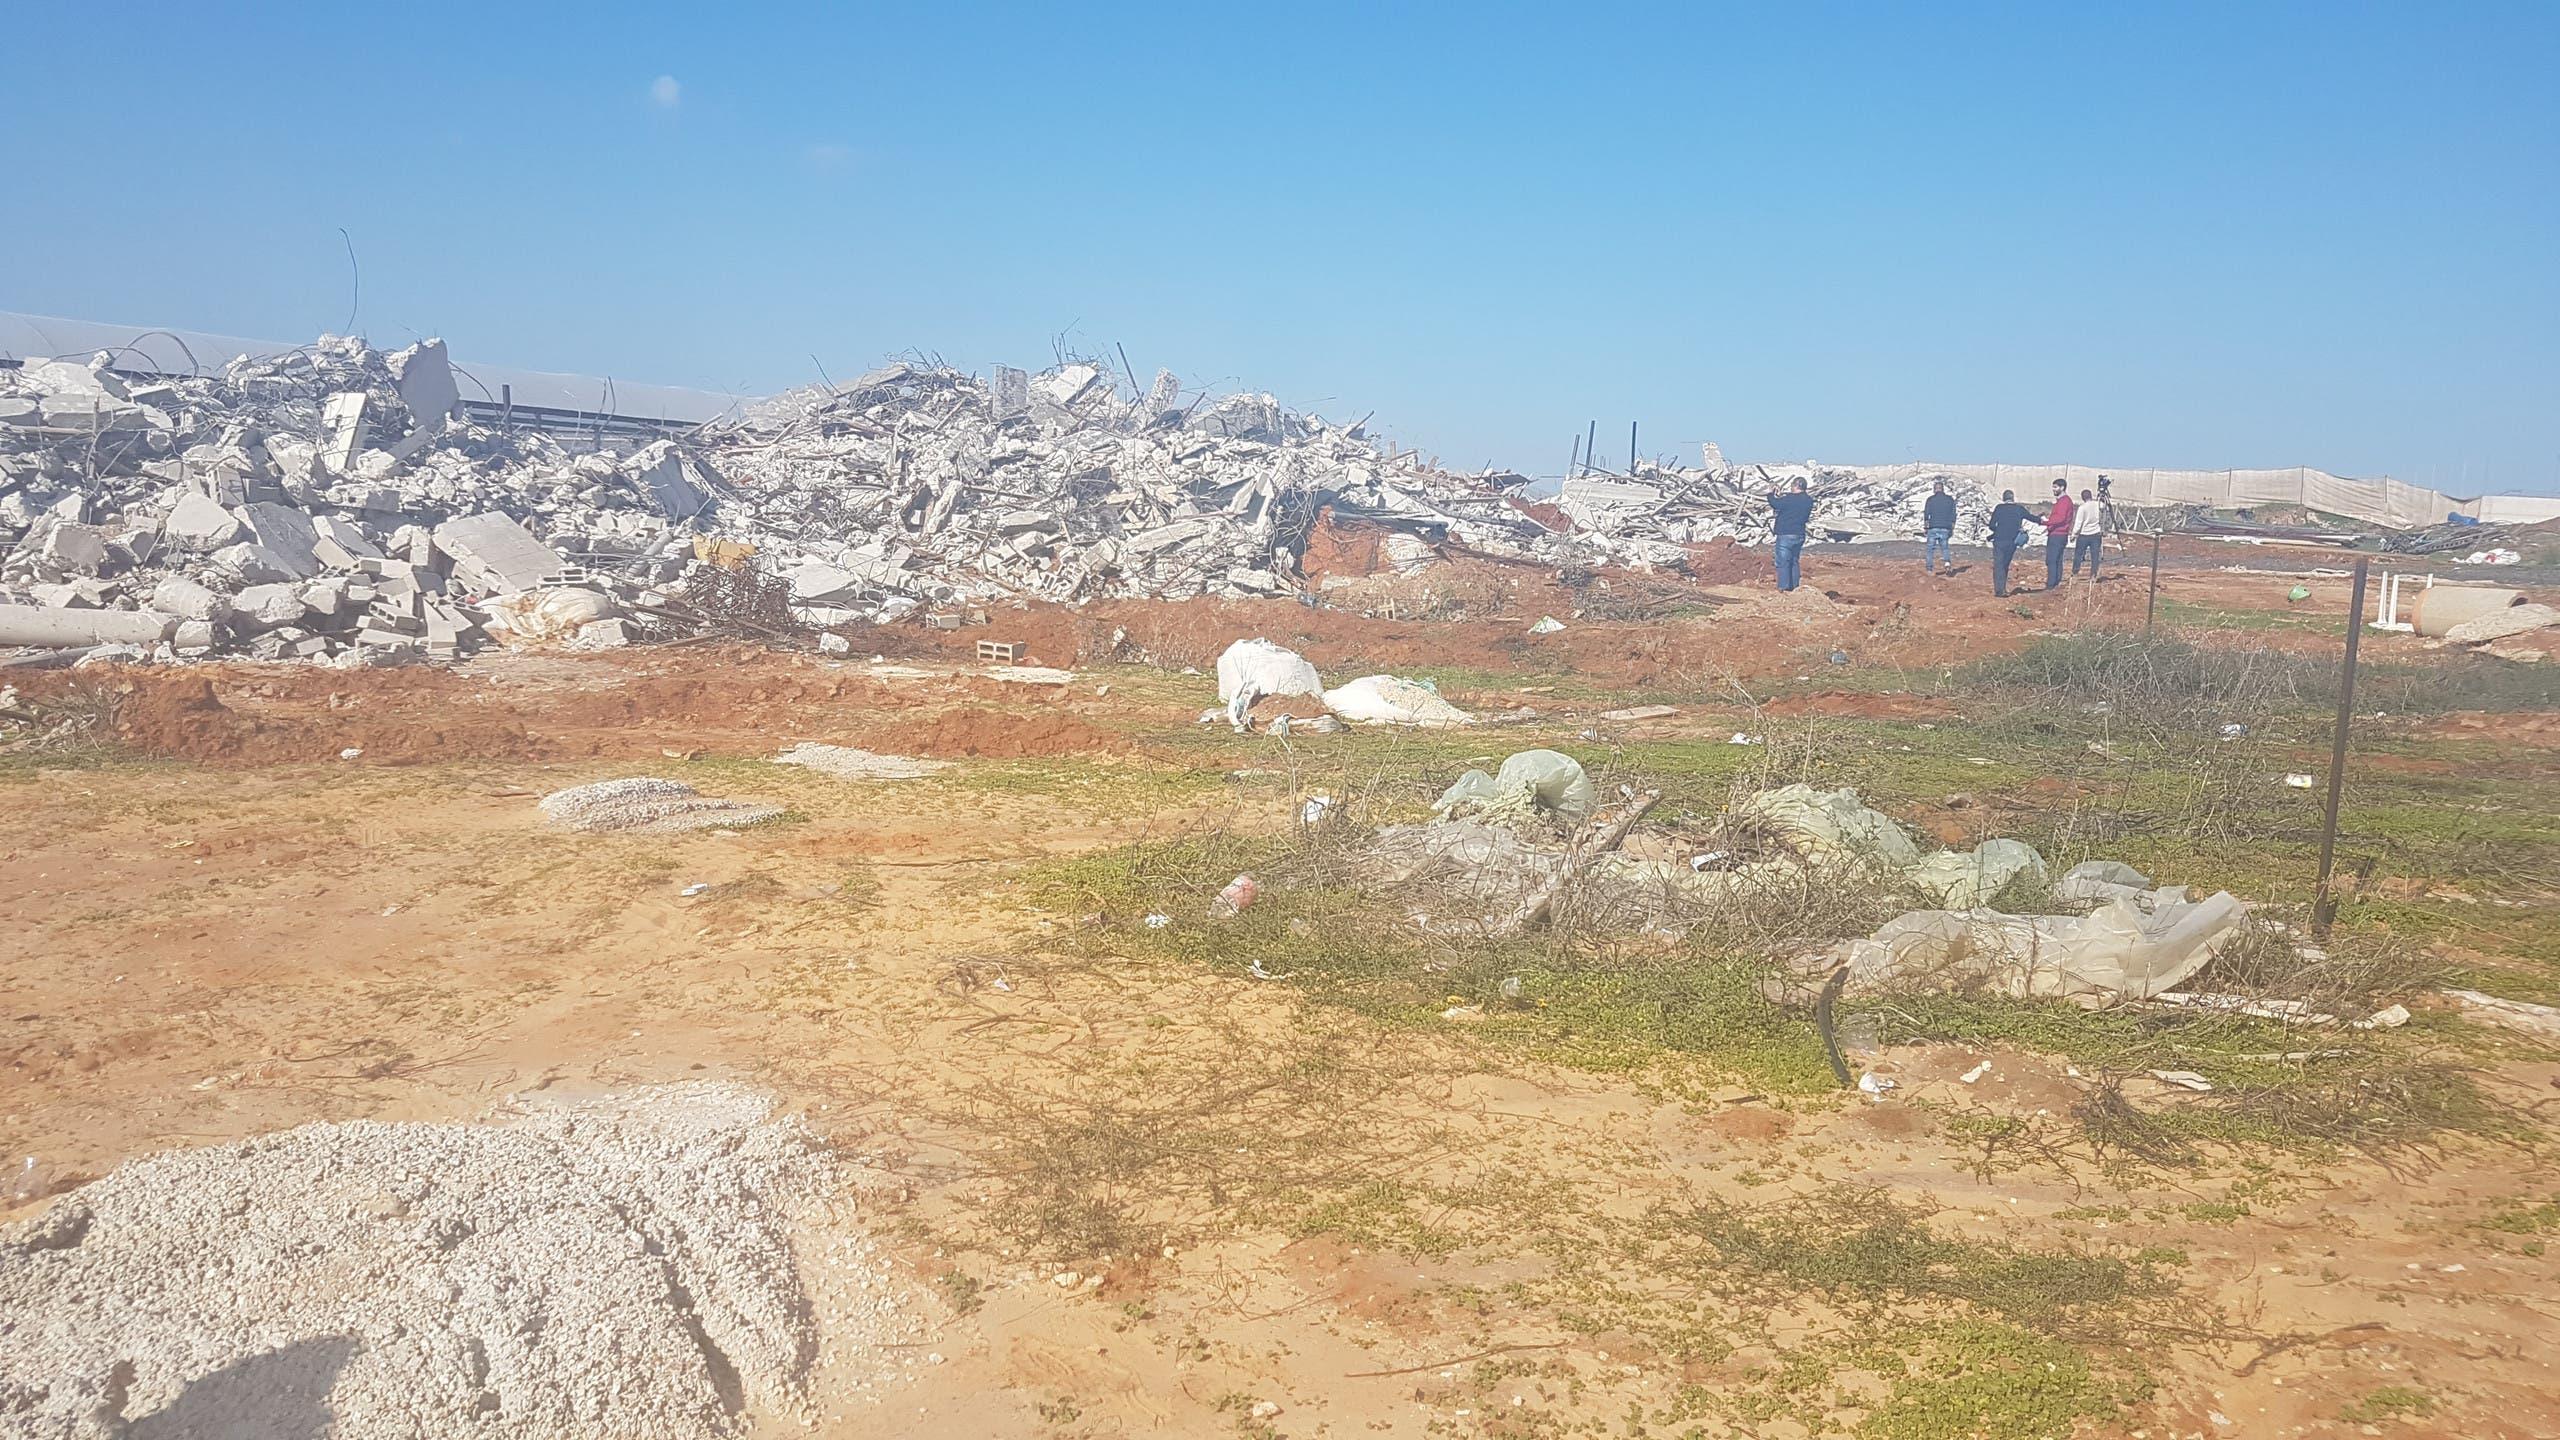 إسرائيل تواصل عمليات هدم المنازل داخل الخط الأخضر وفي القدس